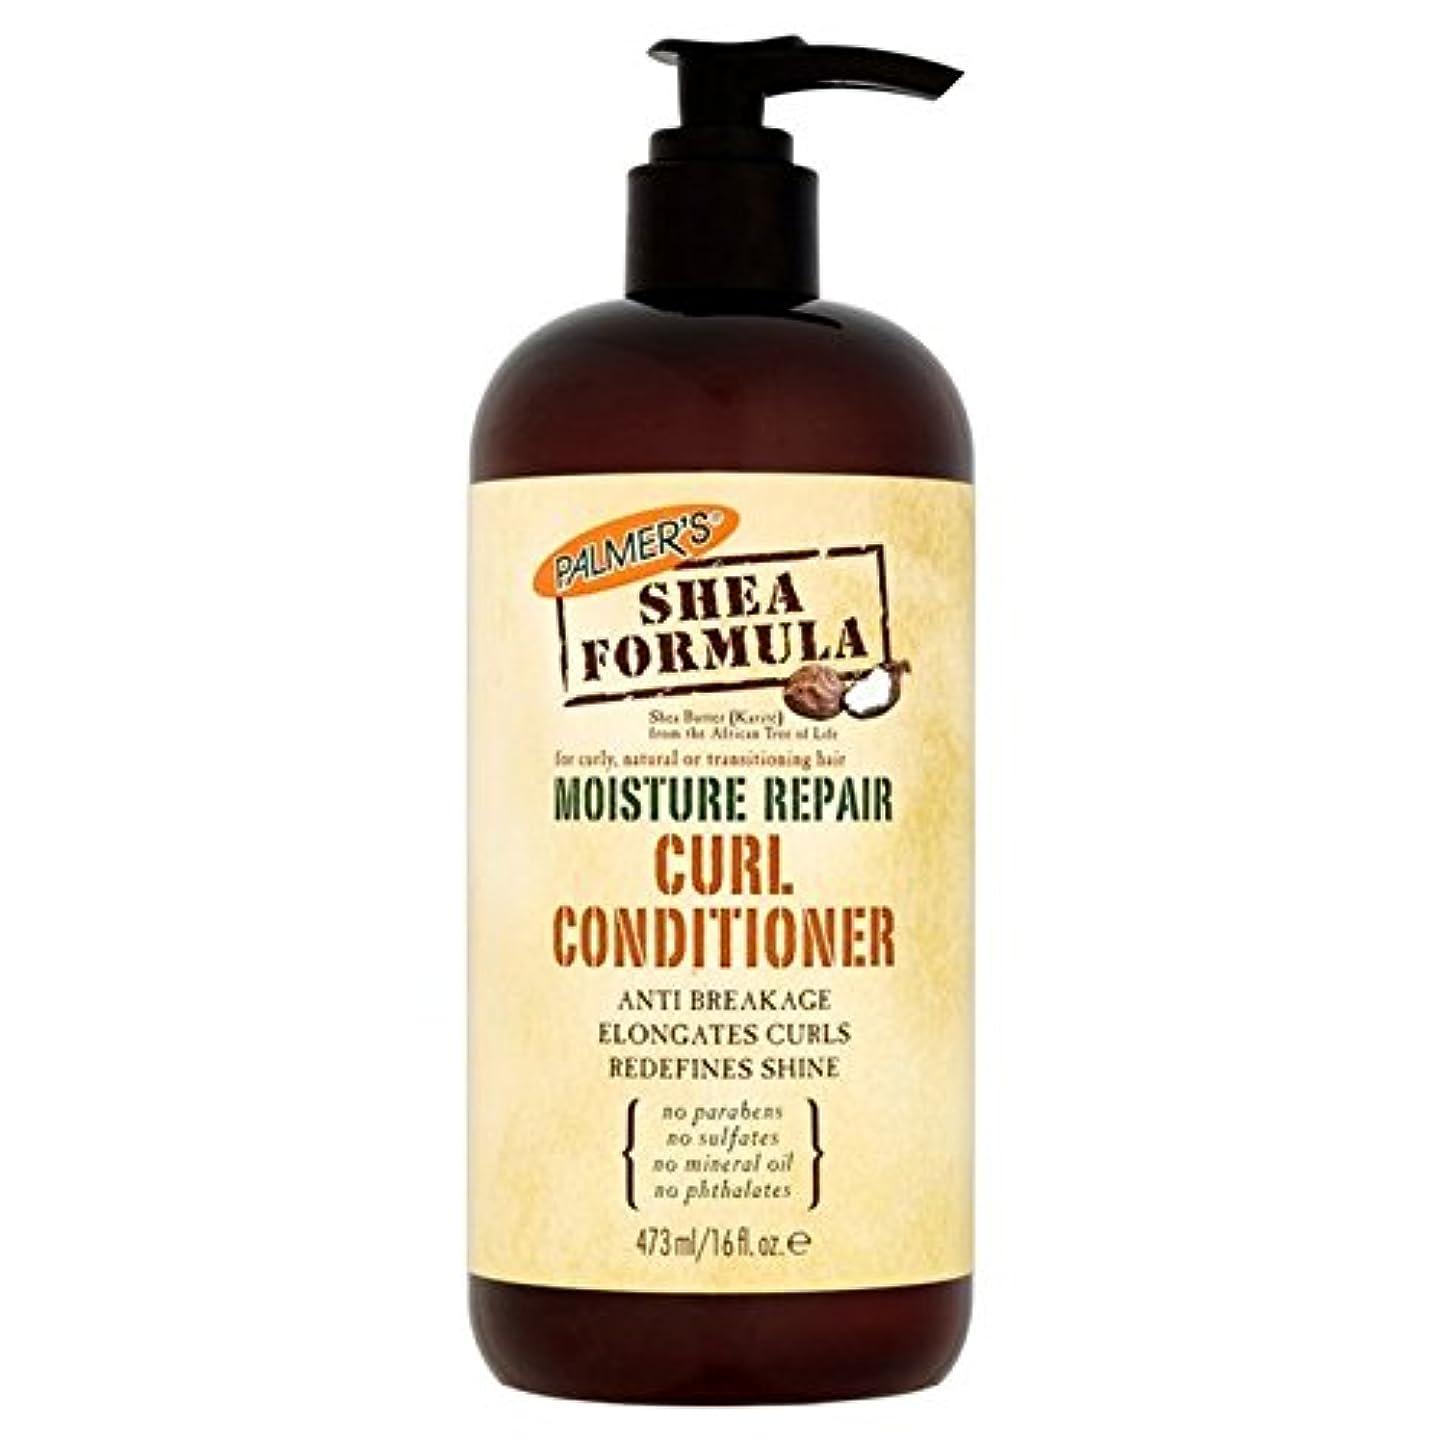 無効病気形状Palmer's Shea Formula Moisture Repair Curl Conditioner 473ml - パーマーのシア式水分修理カールコンディショナー473ミリリットル [並行輸入品]